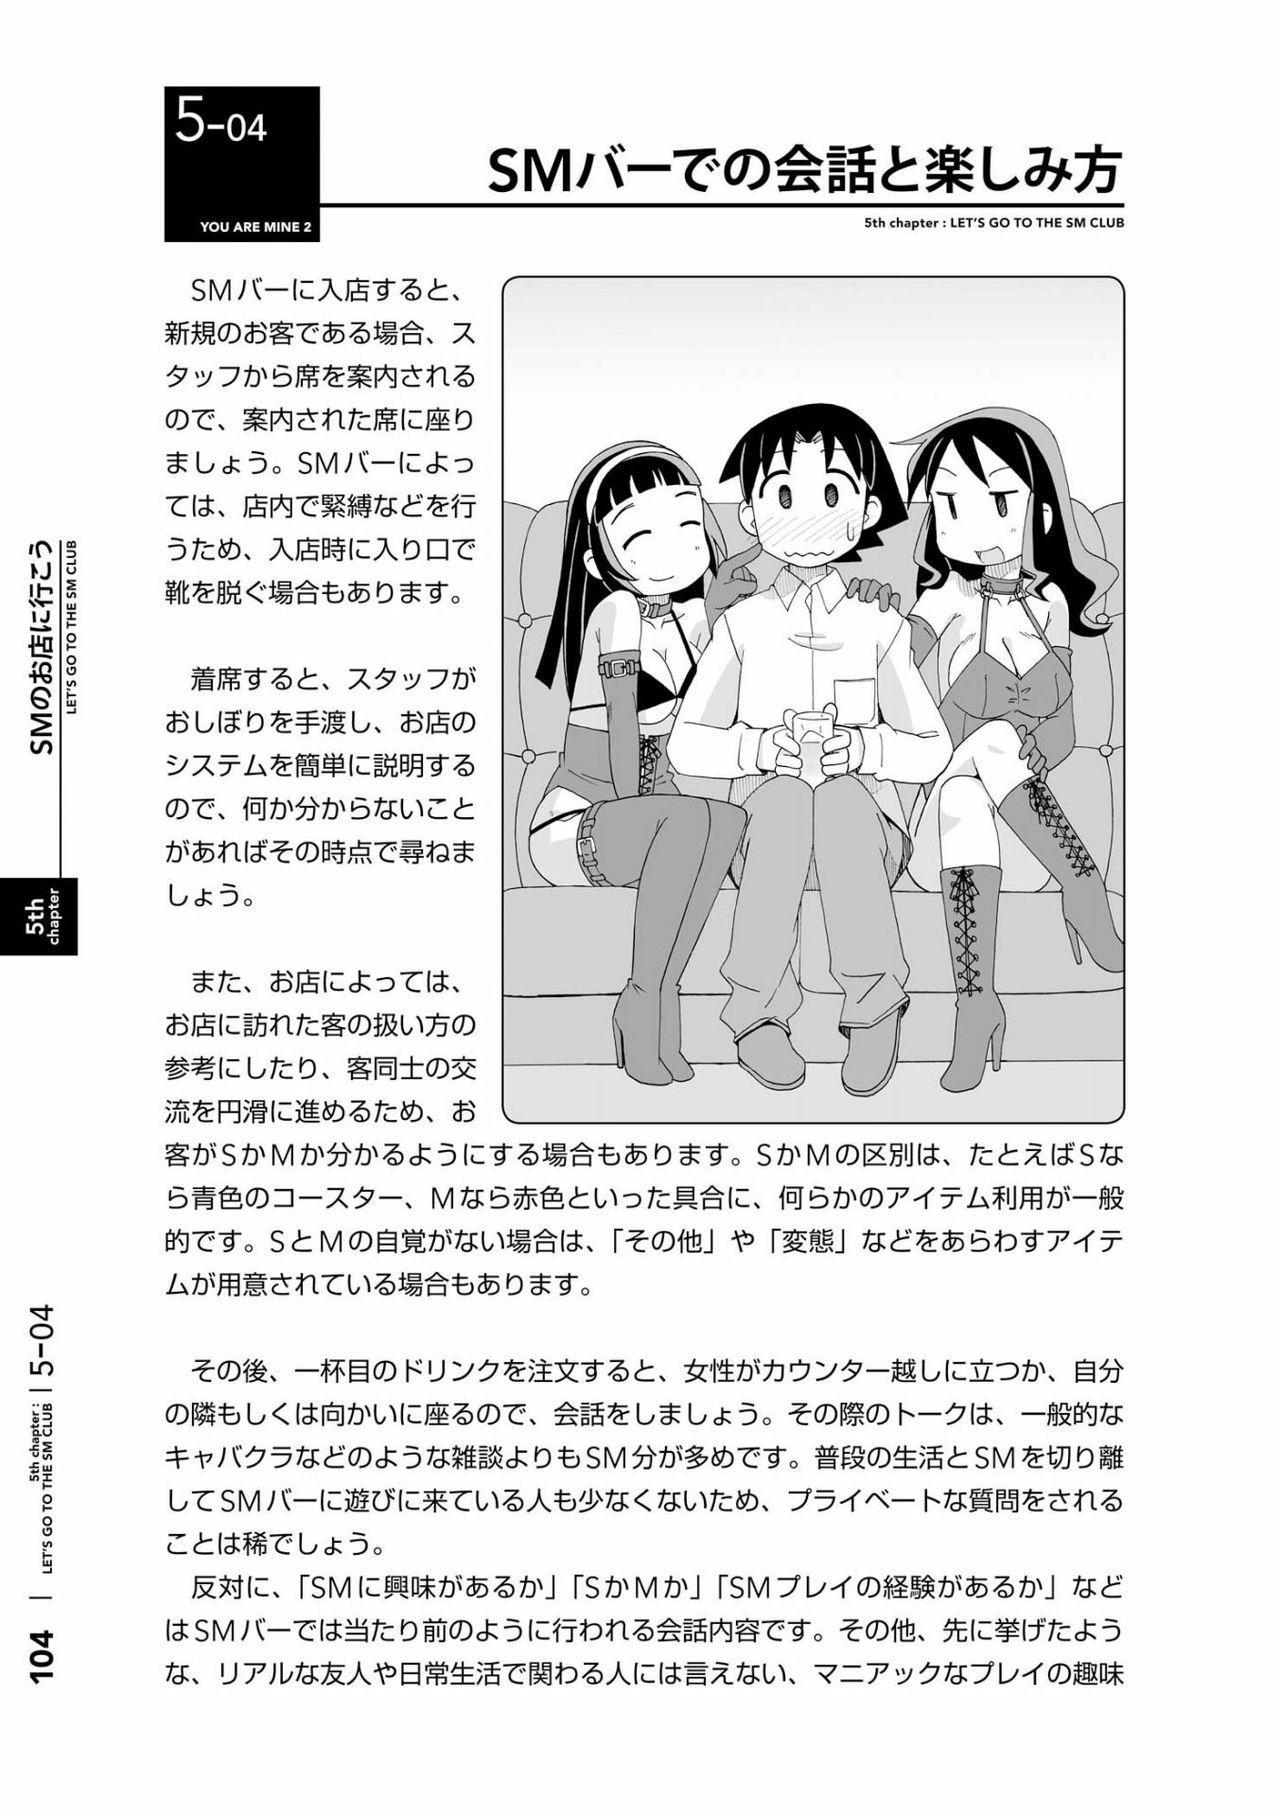 [Mitsuba] Karada mo Kokoro mo Boku no Mono ~Hajimete no SM Guide~ 2 [Digital] 106